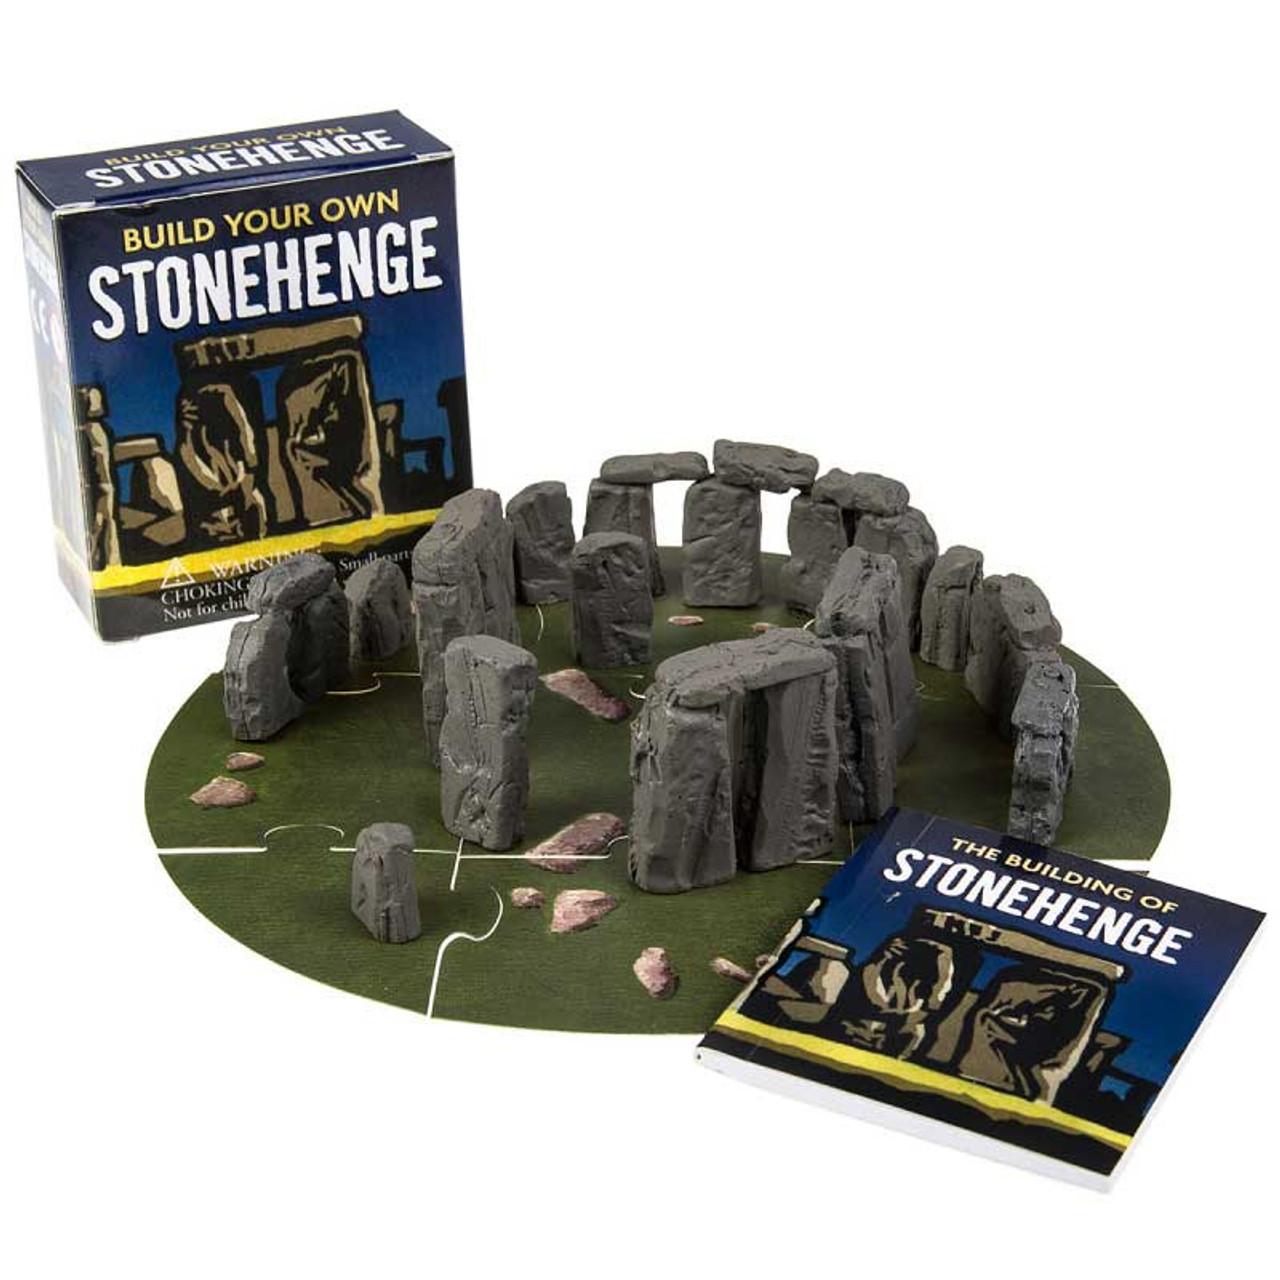 Stonehenge Mega Mini Kit